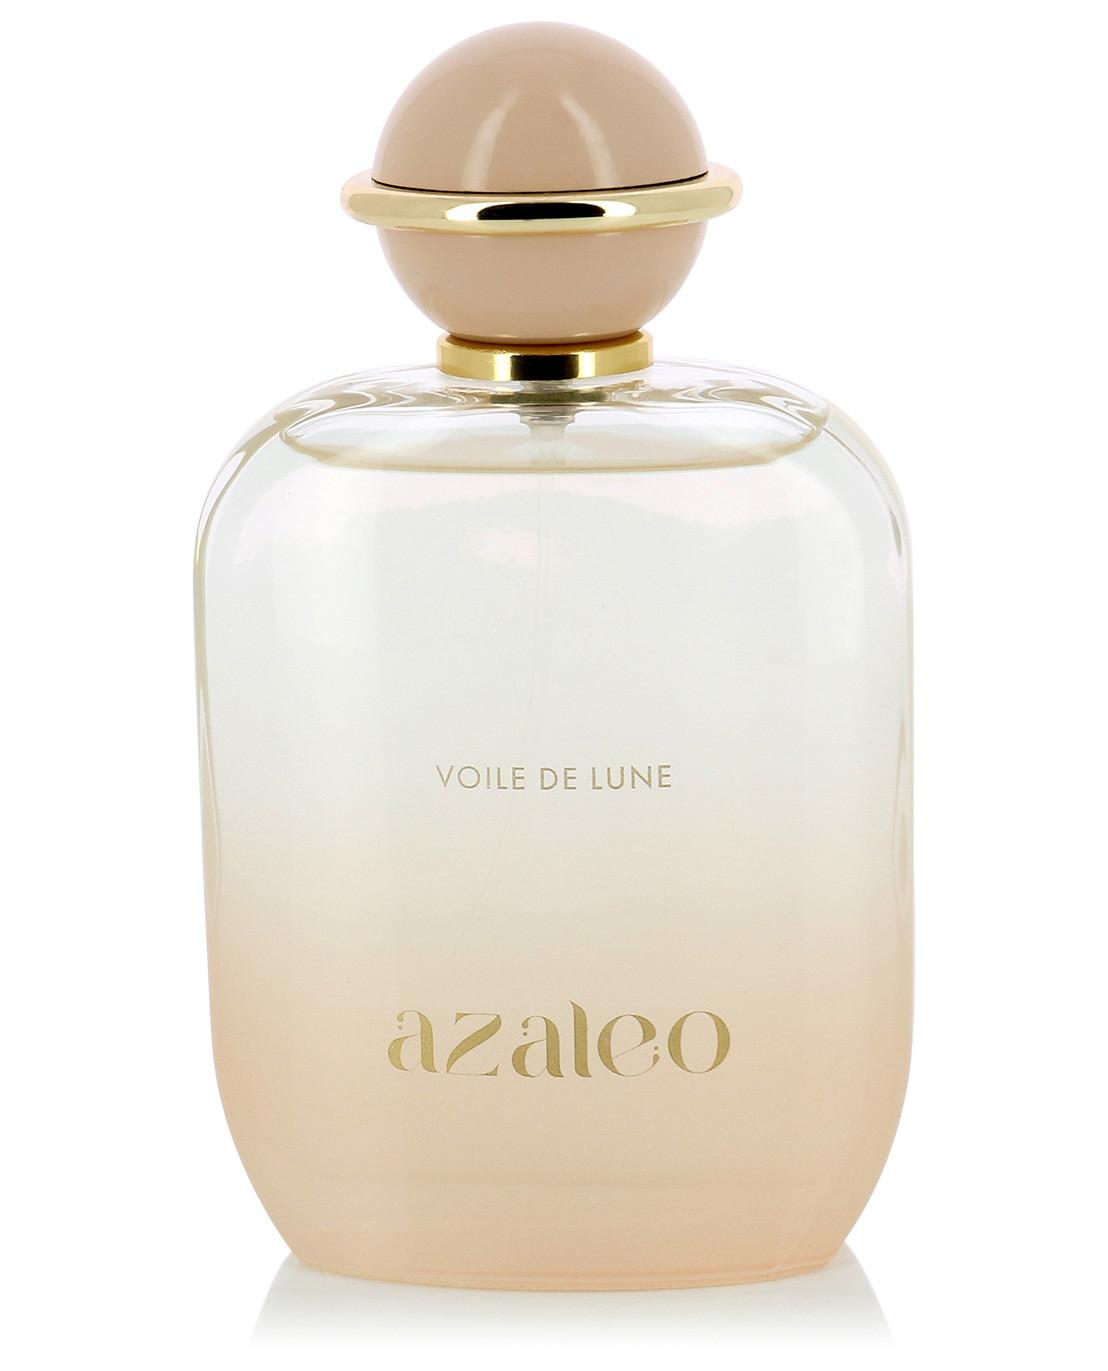 AZALEO - Eau de Parfum Voile de Lune